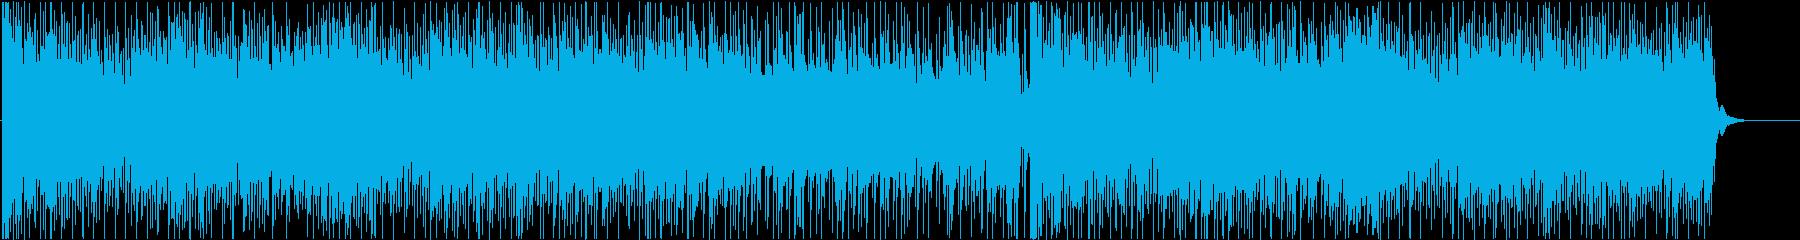 アップテンポで疾走感のあるバトルBGMの再生済みの波形